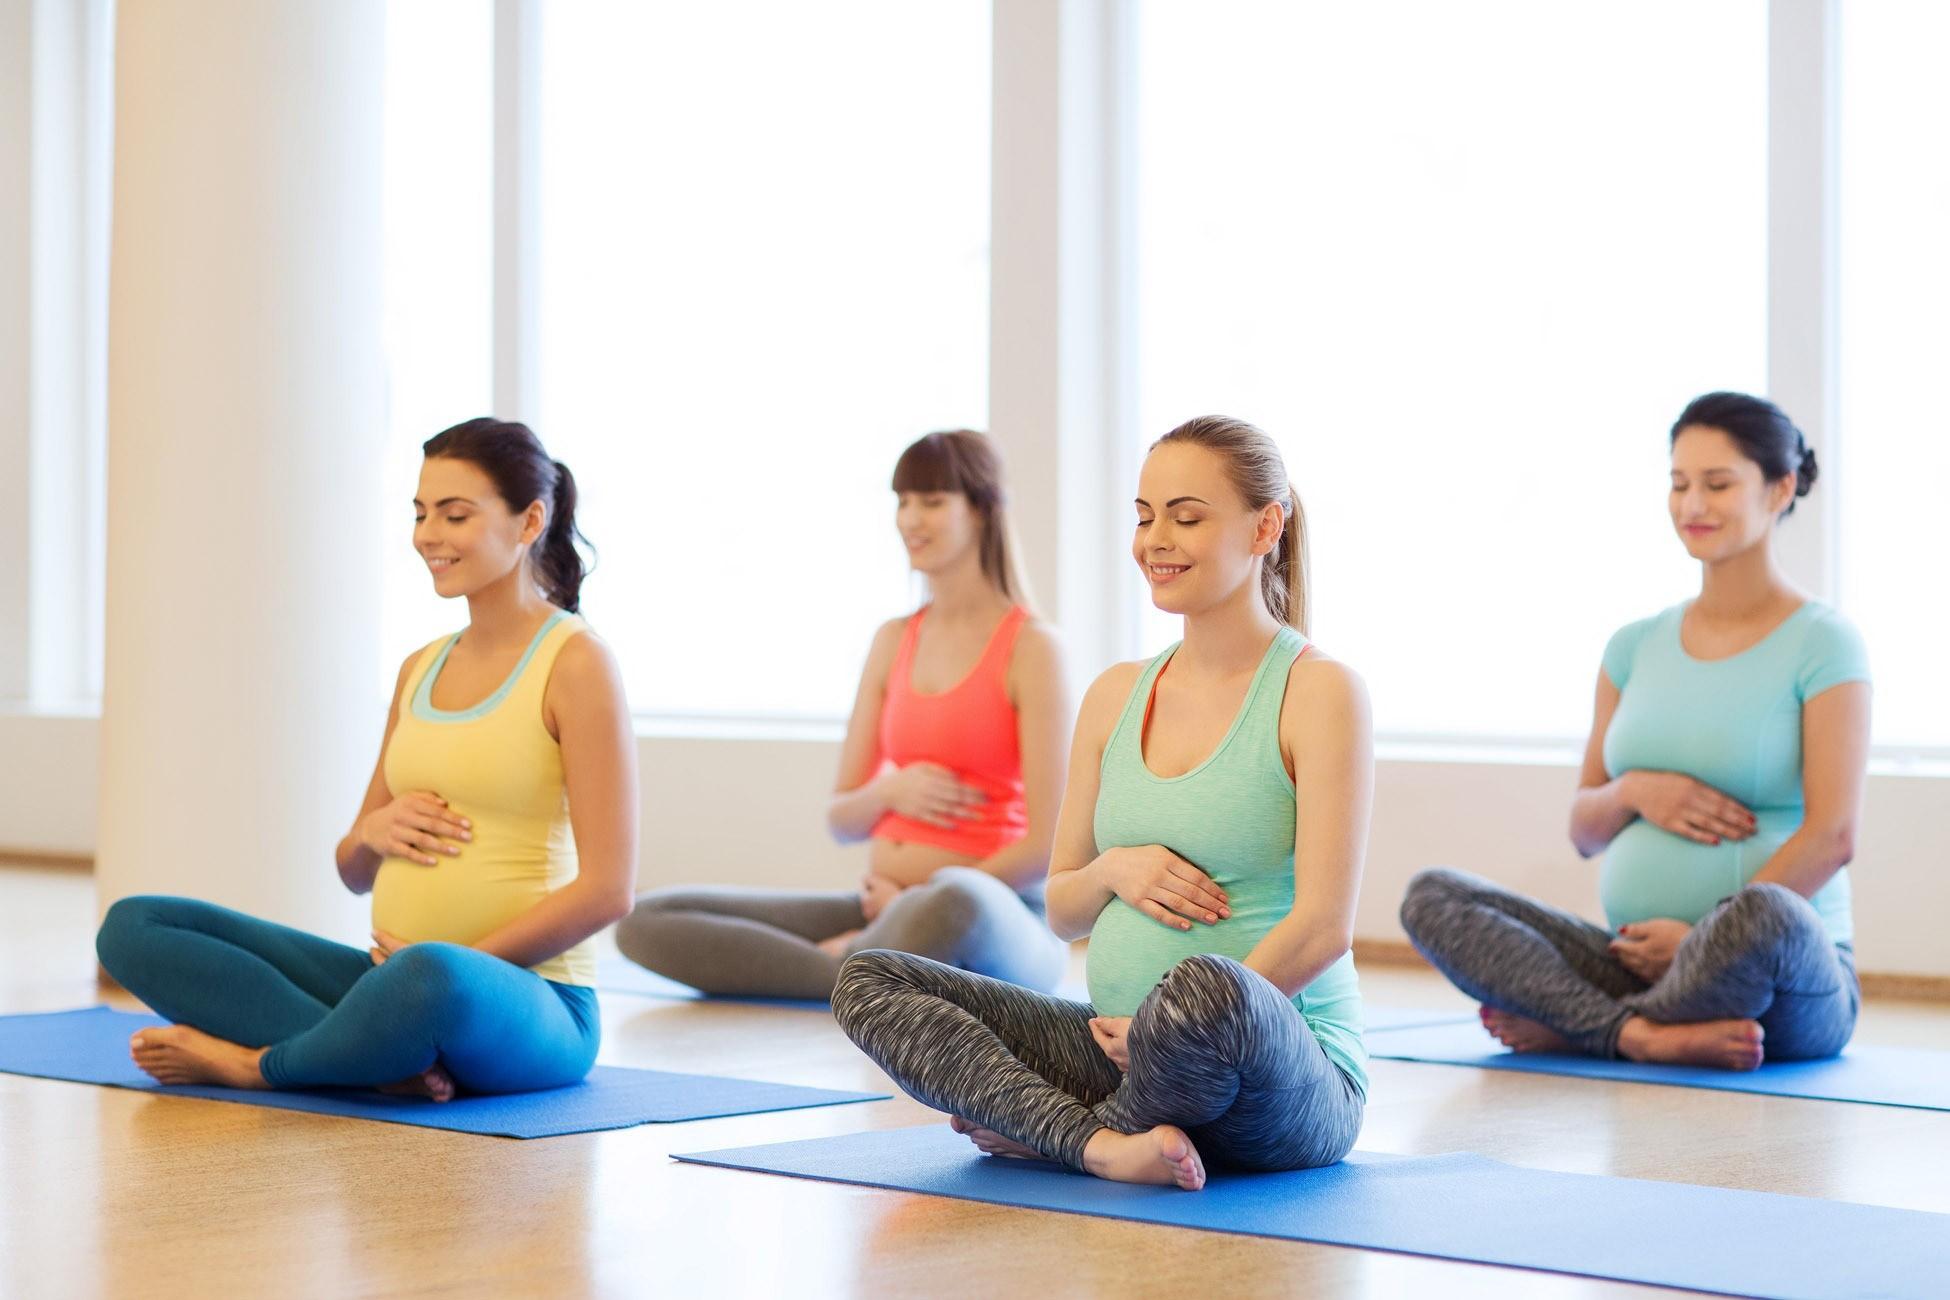 13 небанальных плюсов беременности для поднятия настроения